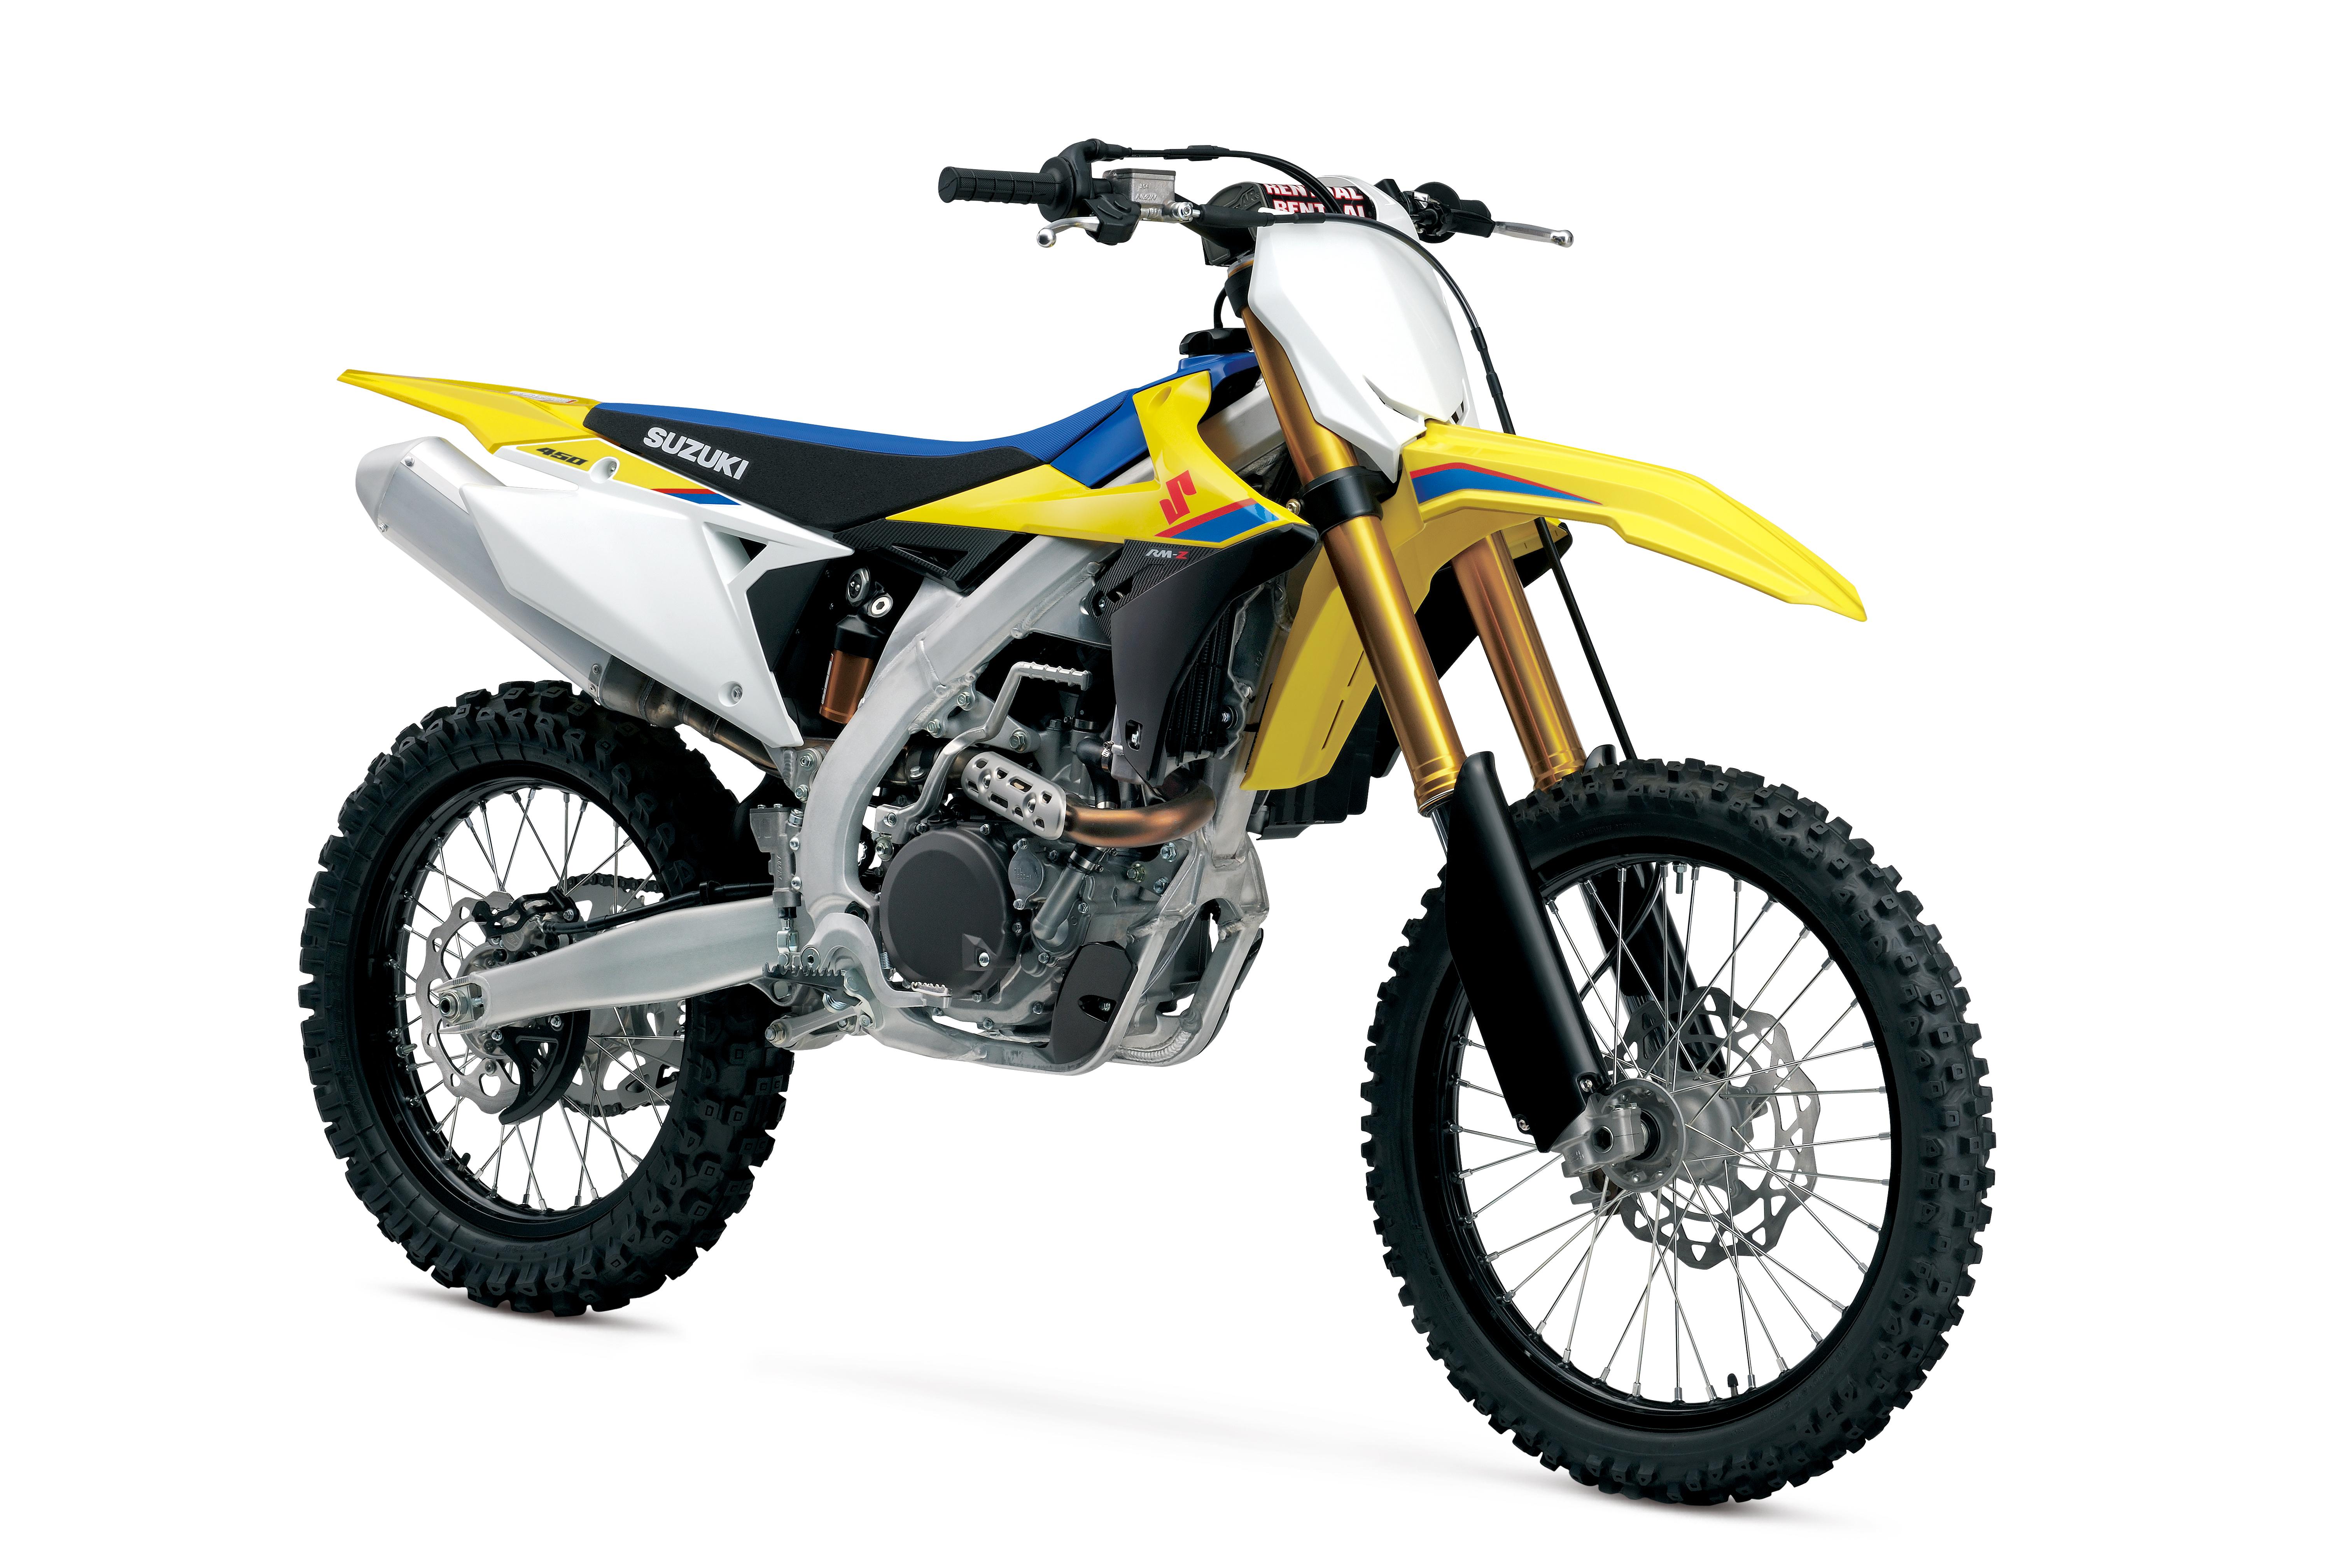 2019 Suzuki RM-Z450